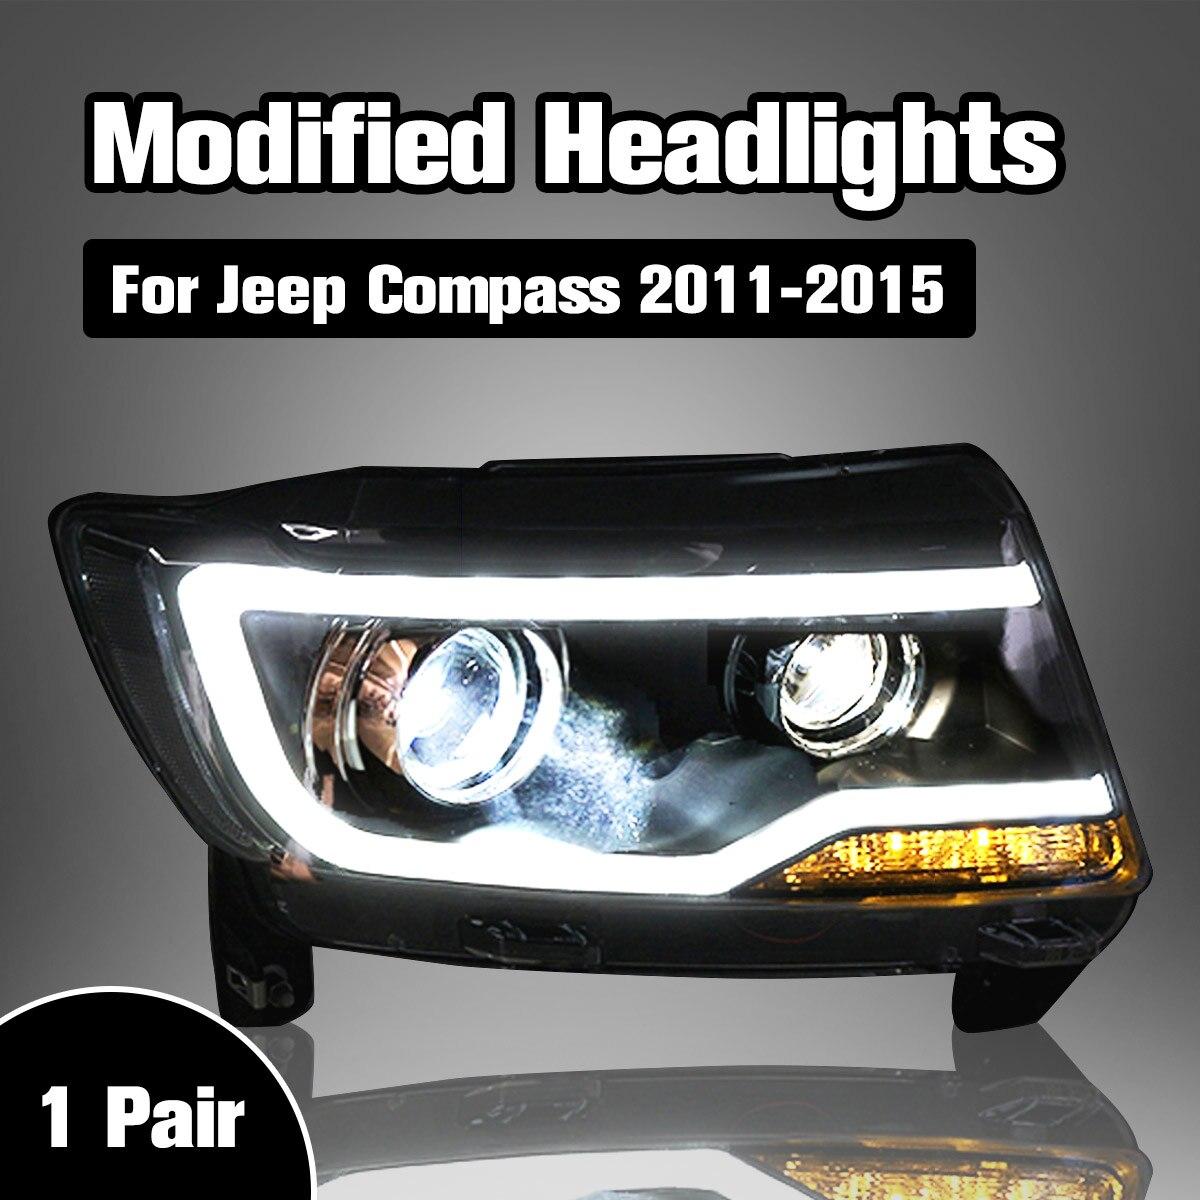 Lampe de tête de style de voiture phare LED H7 D2H Hid Option ange Eye Bi faisceau xénon pour Jeep pour phares compas 2011-2017